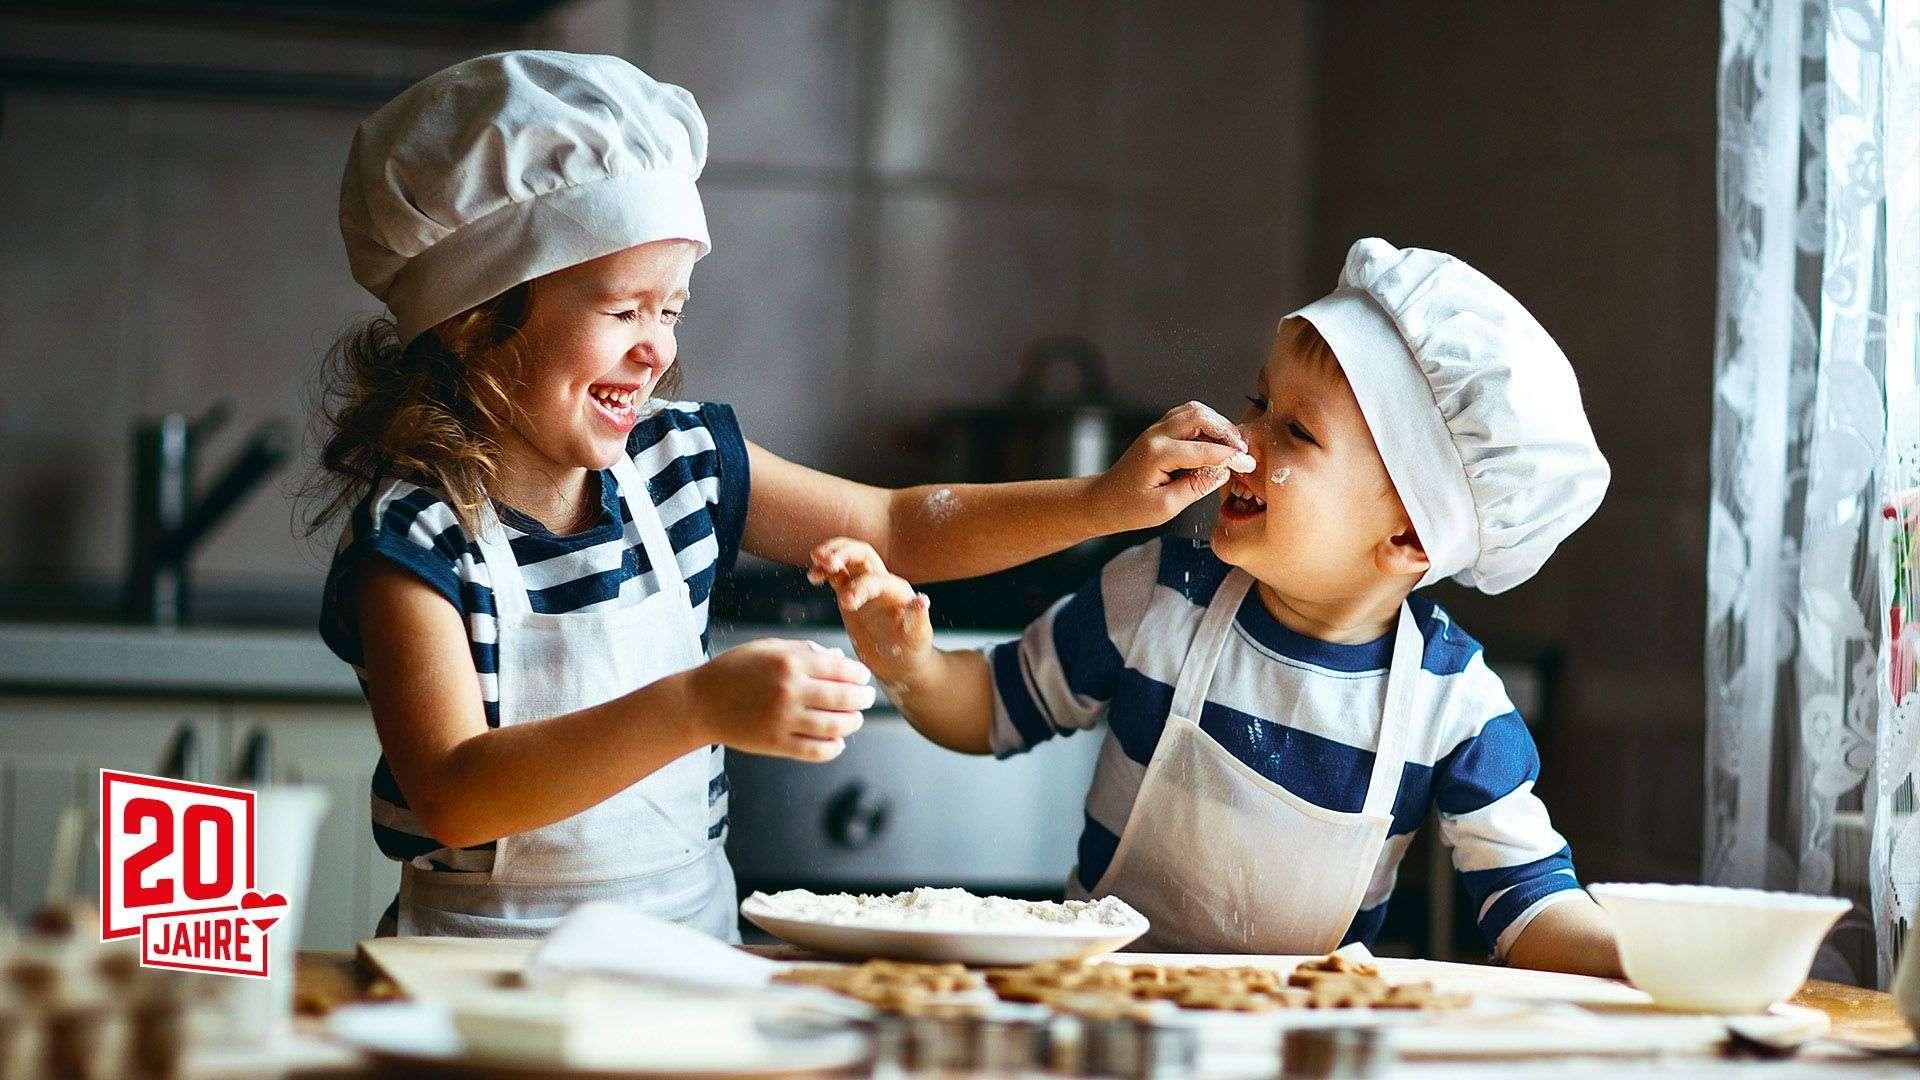 5 Tipps fürs Backen mit Kindern von Lidl Österreich